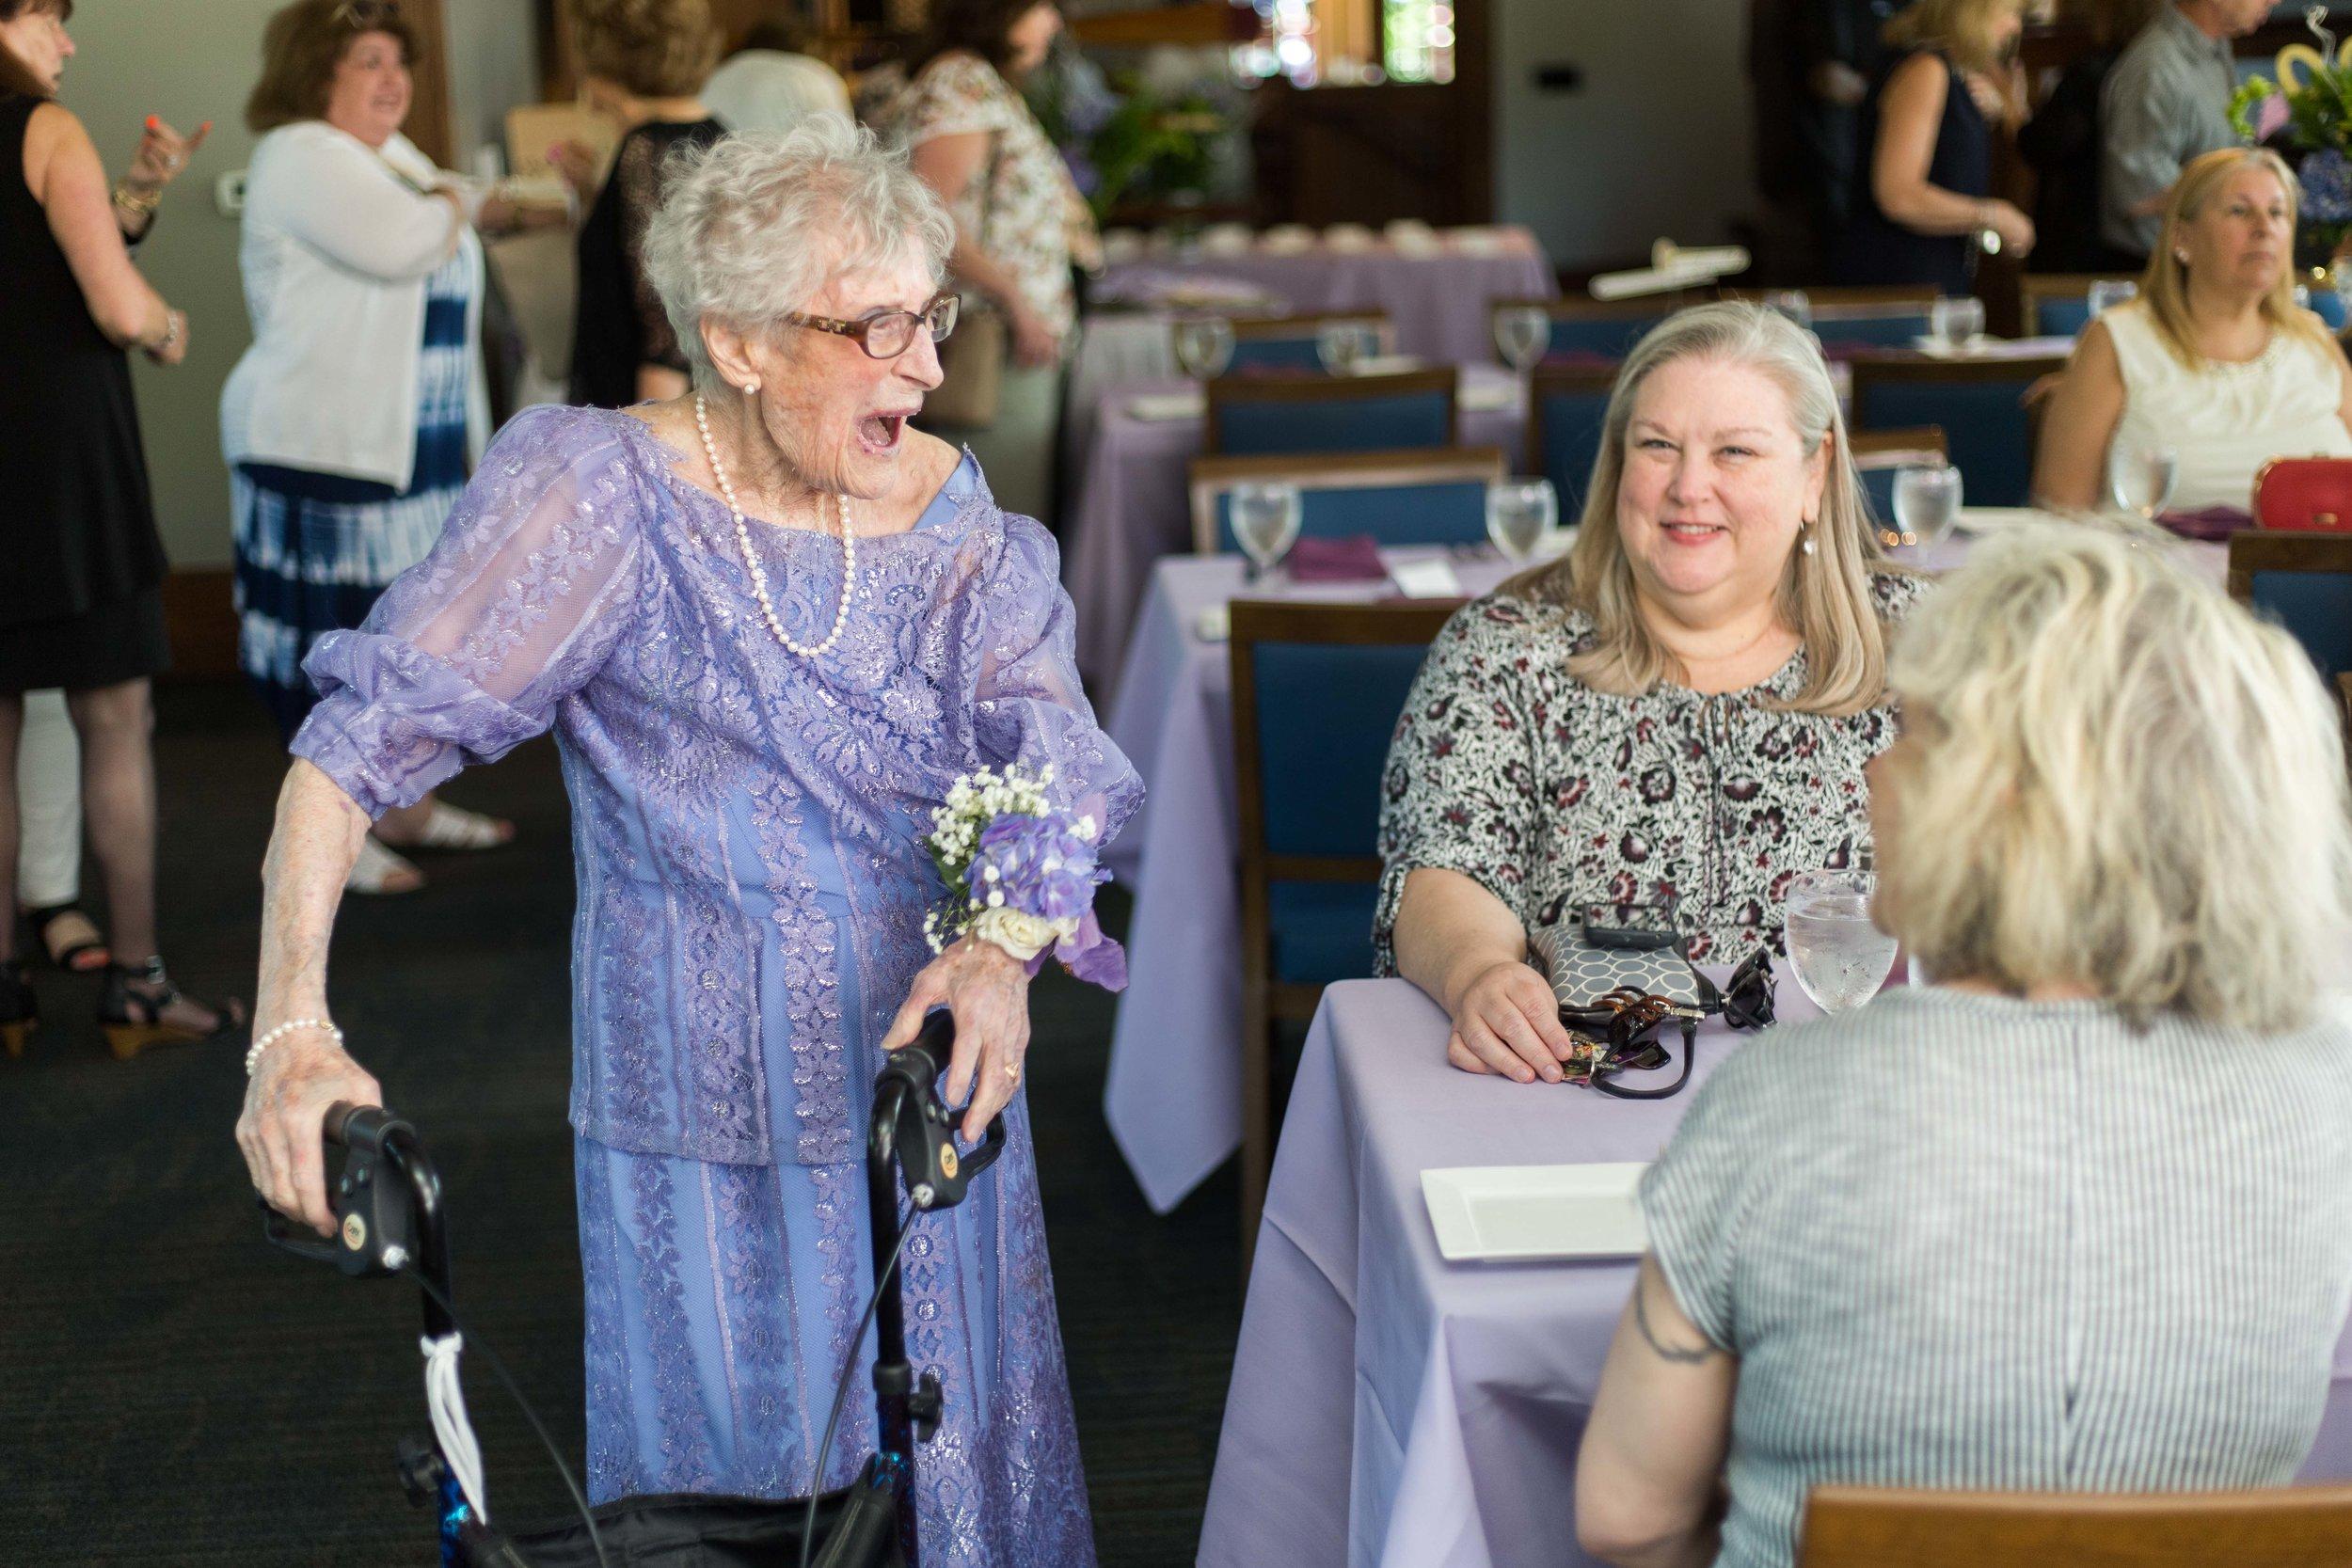 McLoones Boathouse West Orange NJ 100th Birthday Party Event Photos-5.jpg